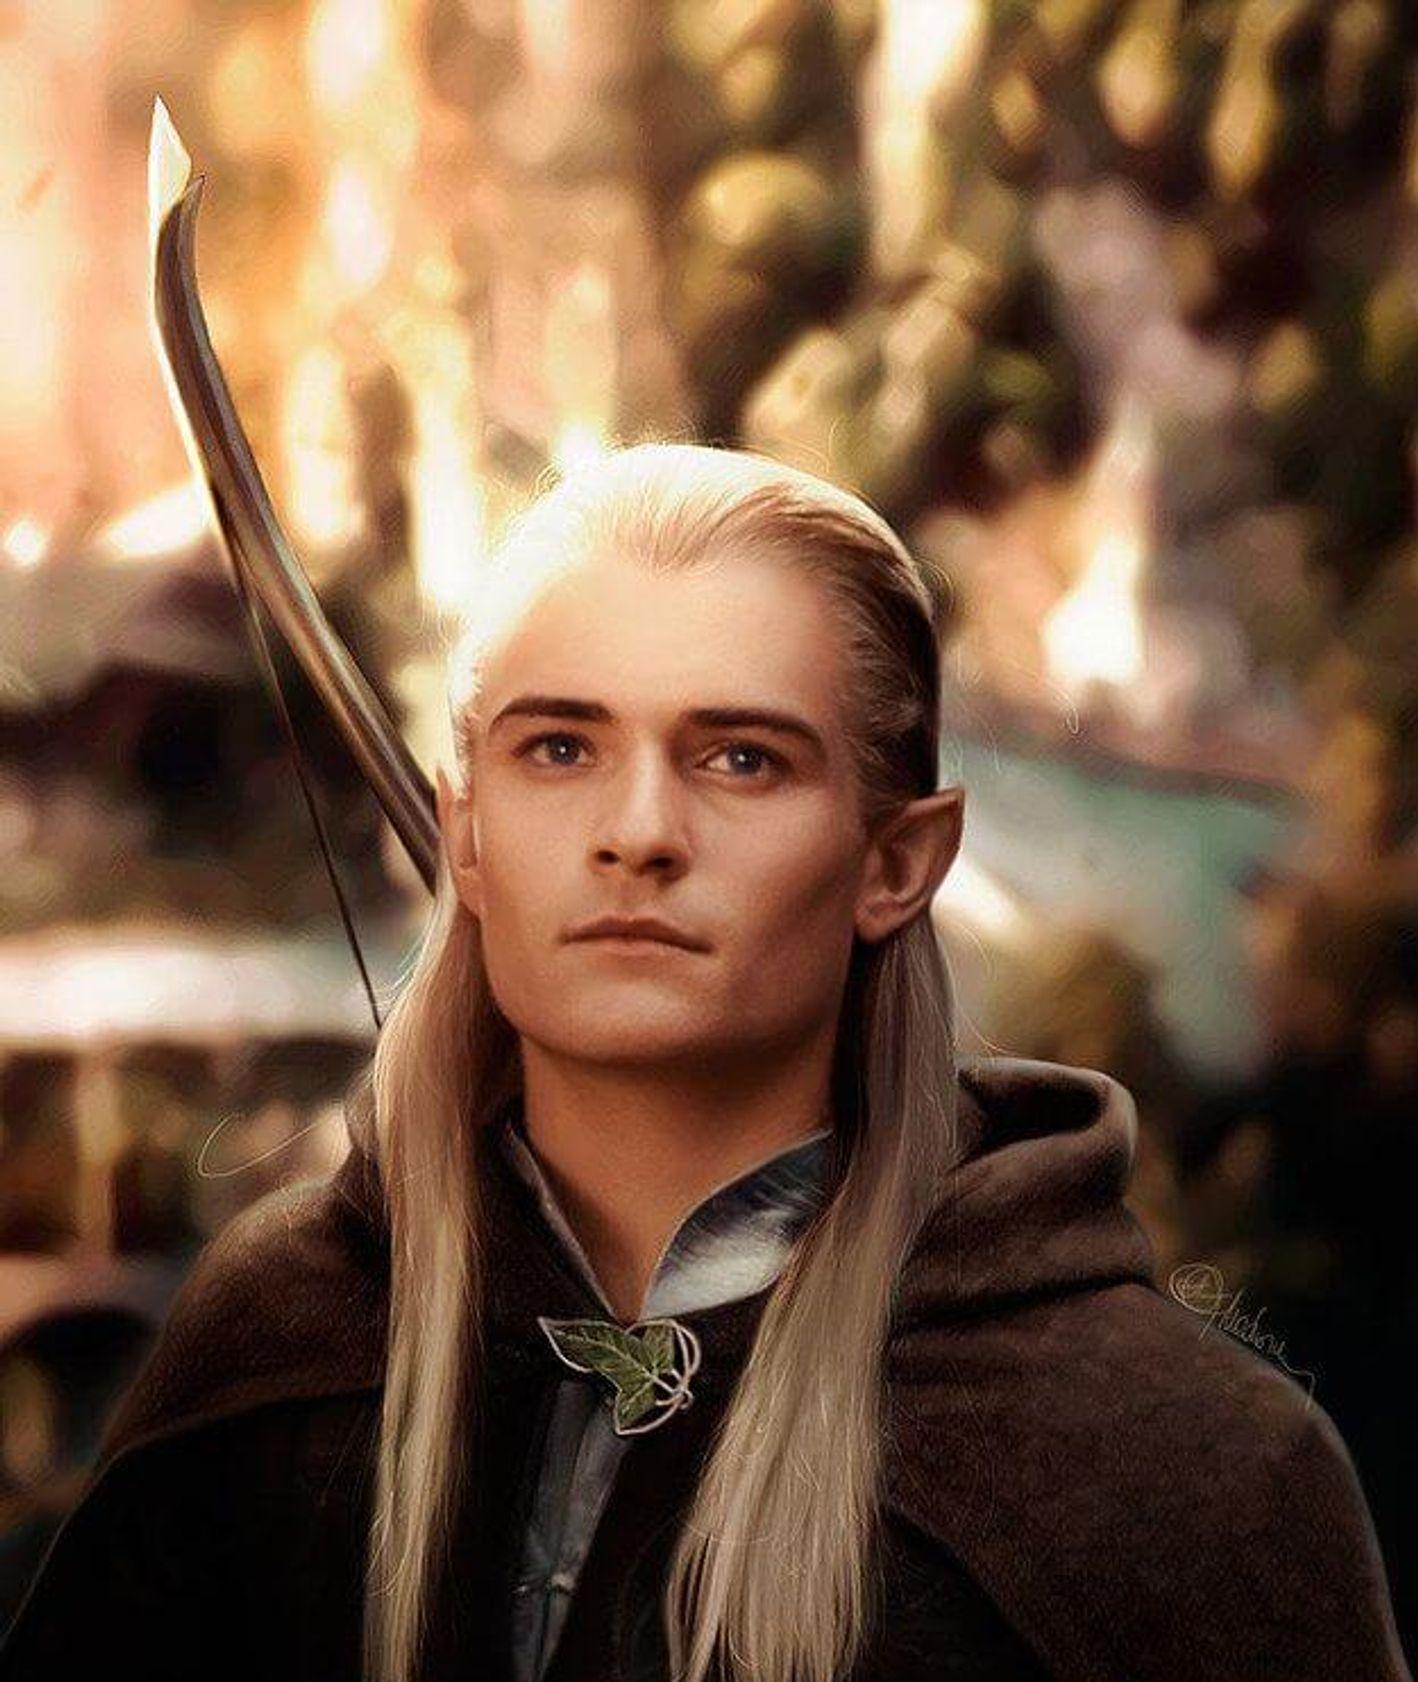 Znane i nieznane fantasy – Legolas z Władcy Pierścieni (fot. kadr z filmu)